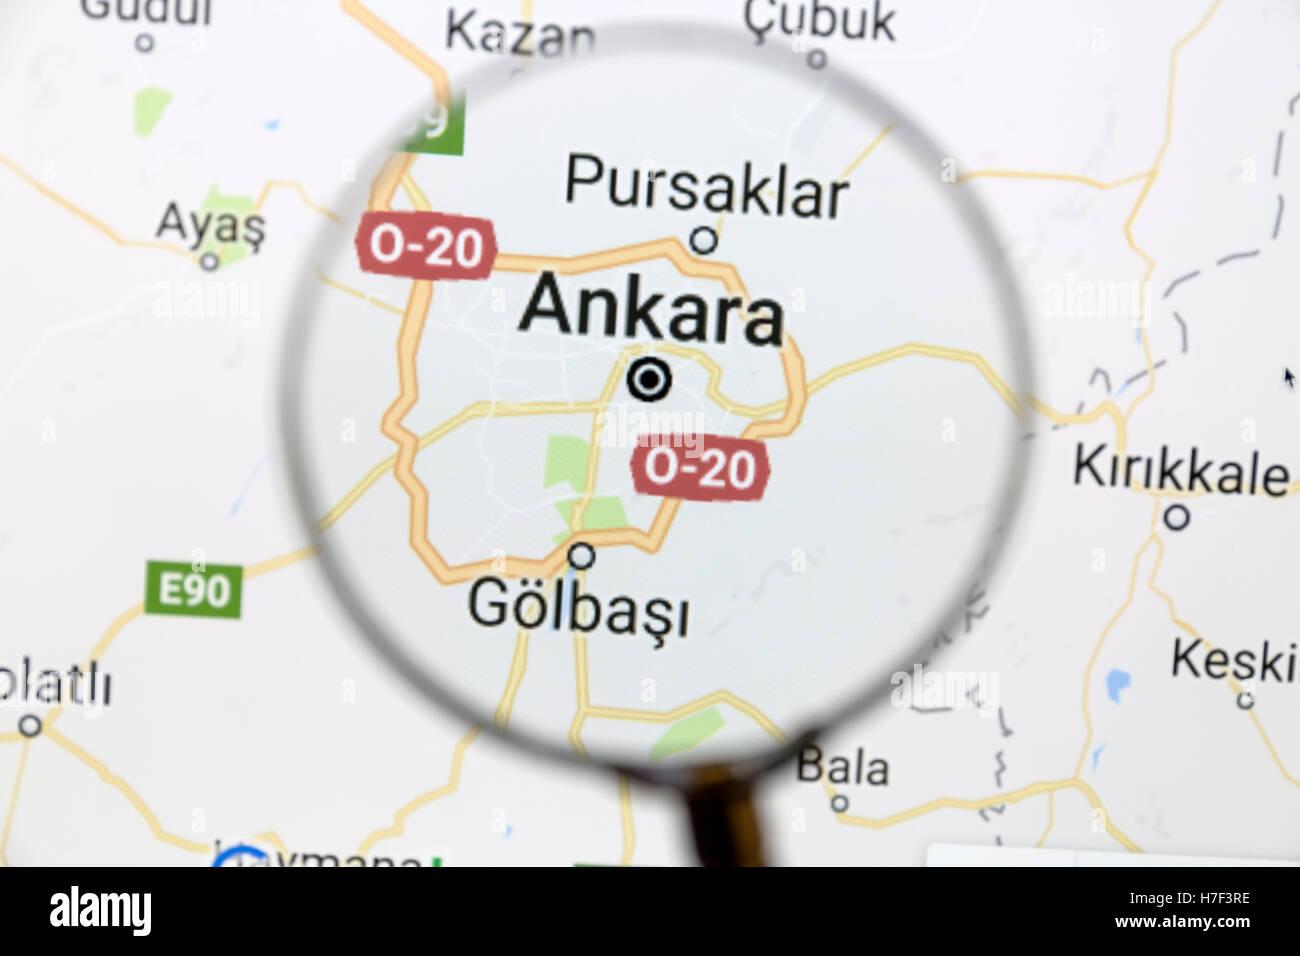 Google Asia Stock Photos & Google Asia Stock Images - Alamy